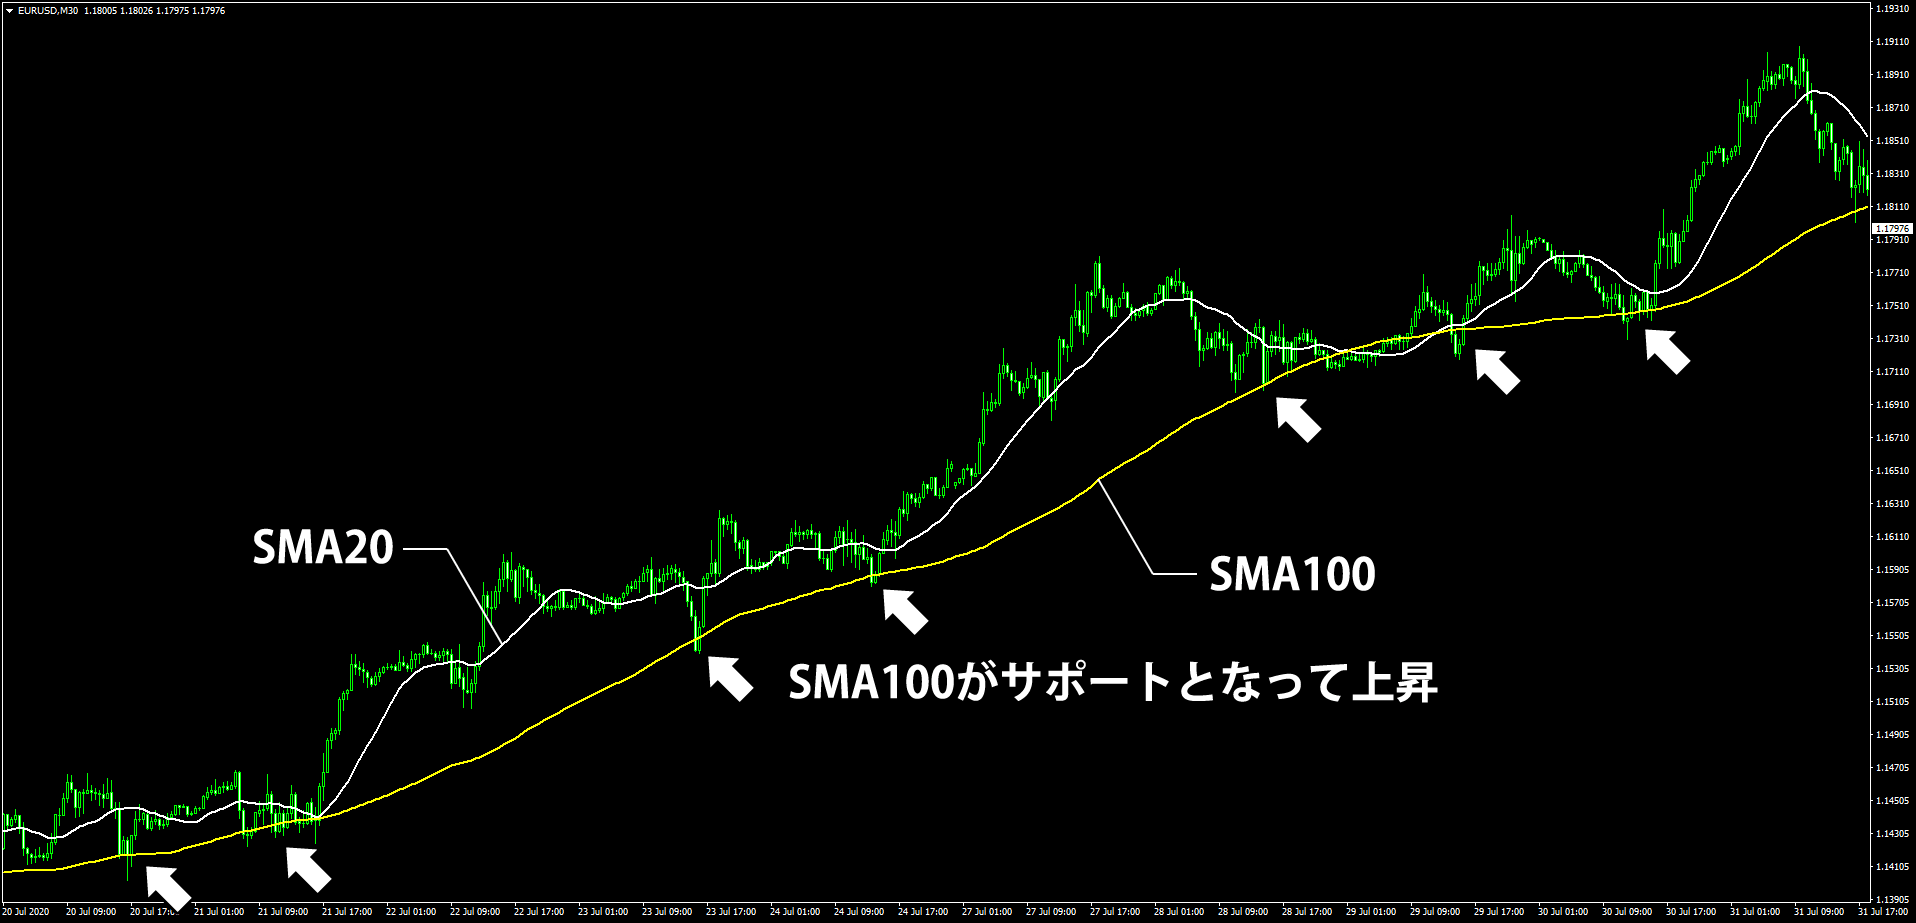 SMA100がサポートになっている様子